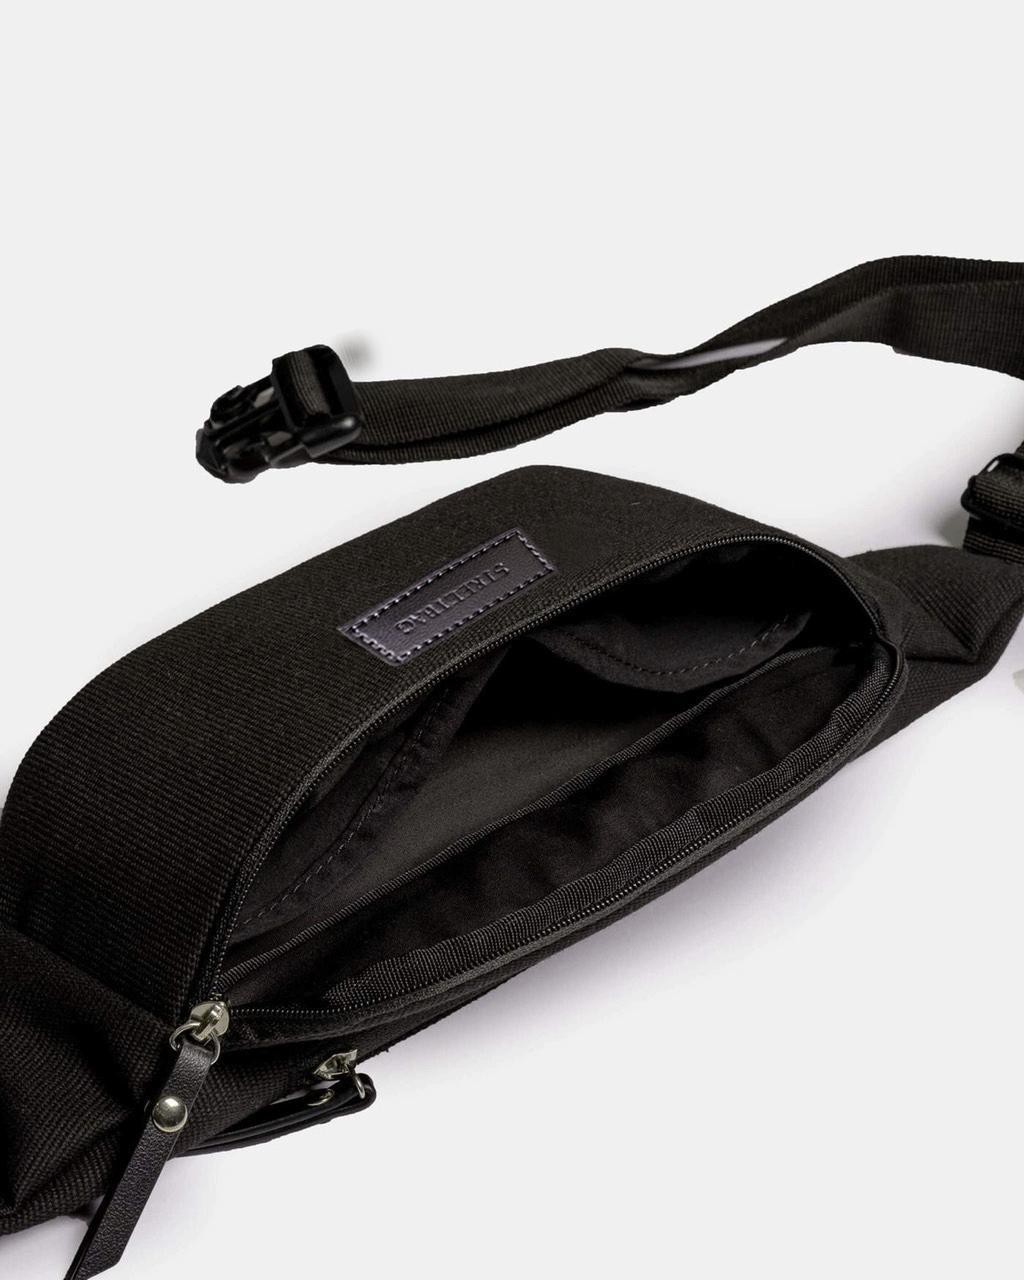 Túi đeo chéo nam nữ siêu bền  CFA thời trang hàn quốc SAW01 Shalla (cung cấp túi đeo chéo hàng giá sỉ).